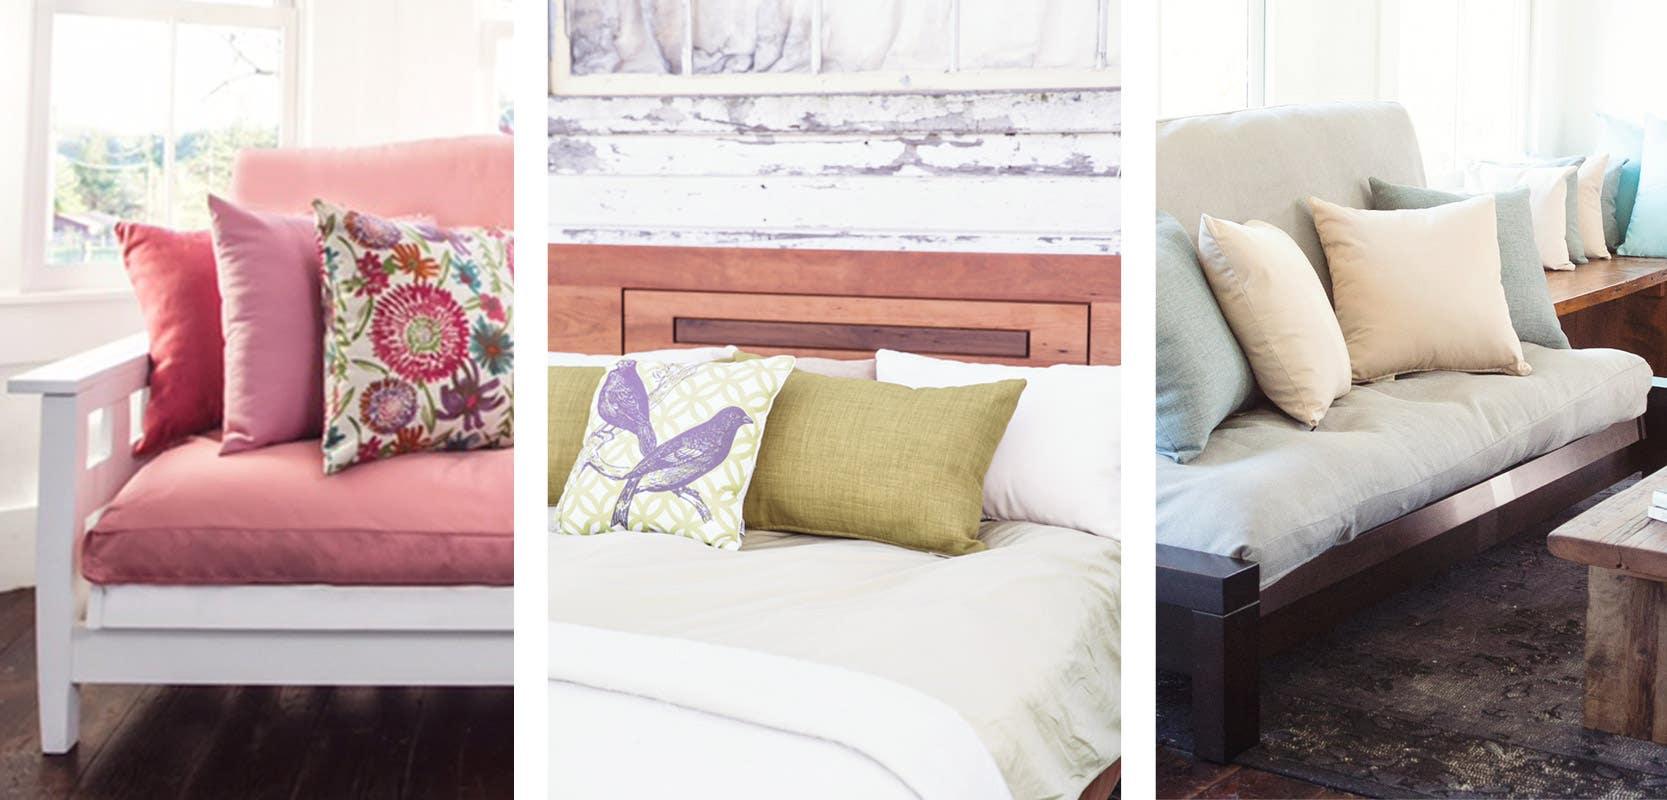 Blog Will My Mattress Futon Mattress Work As A Sofa Or